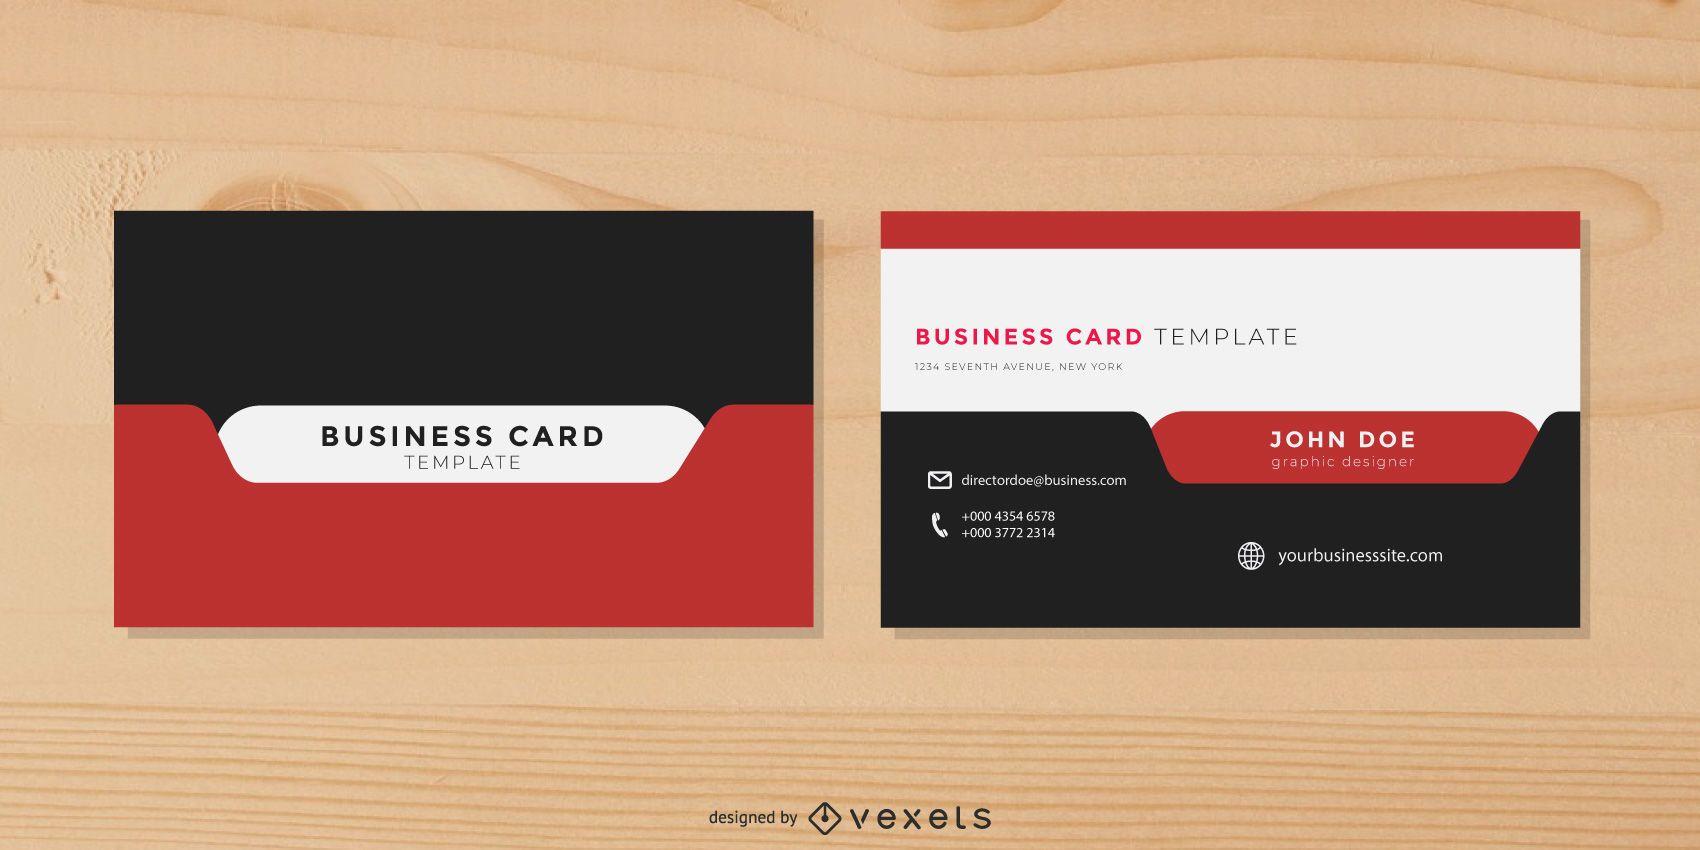 Cartão de visita moderno e elegante com guia